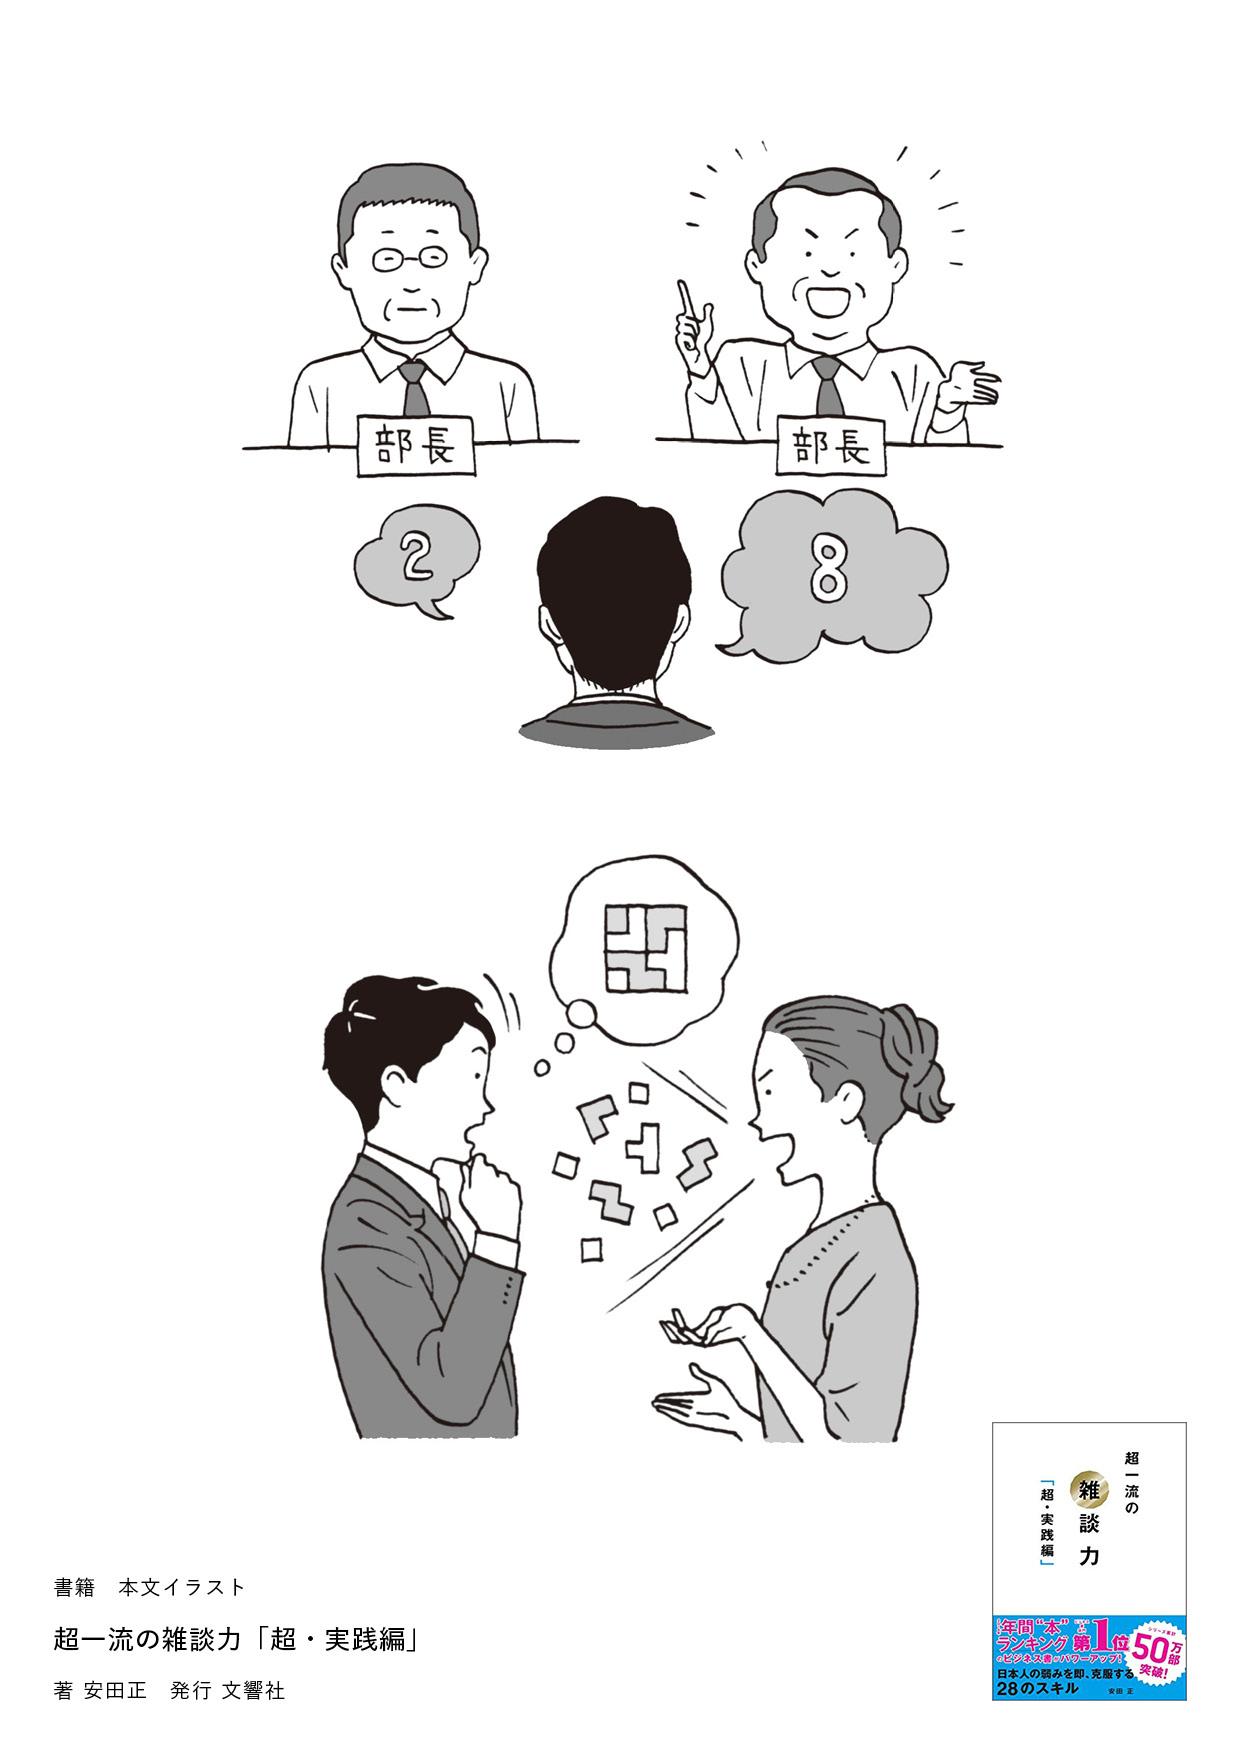 超一流の雑談力「超・実践編」